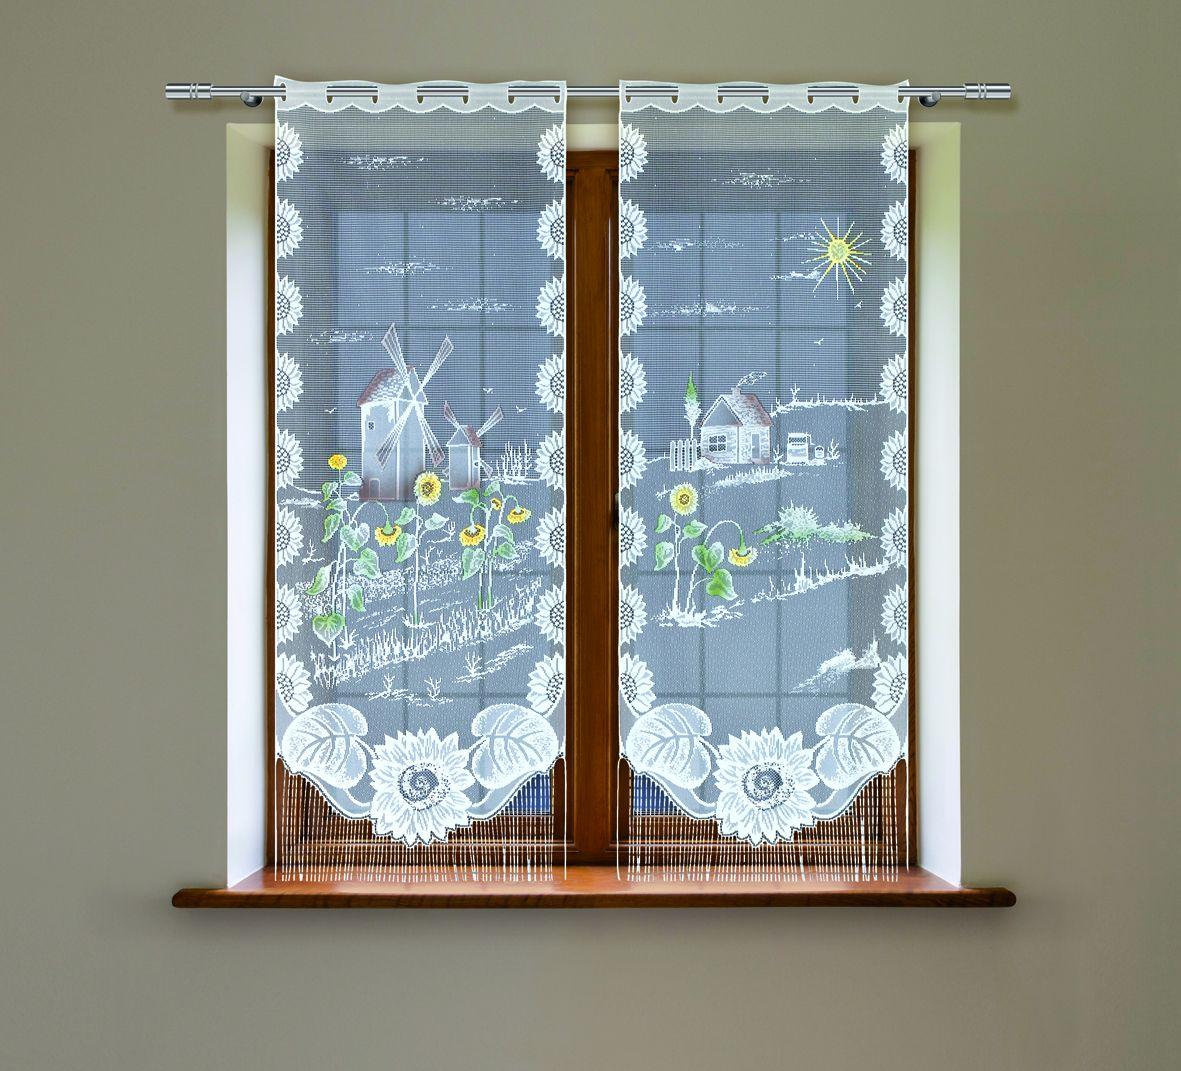 Комплект гардин Haft, на петлях, цвет: белый, высота 160 см, 2 шт. 21520С21520С/60Воздушные гардины Haft великолепно украсят любое окно. Комплект состоит из двух гардин, выполненных из полиэстера. Изделие имеет оригинальный дизайн и органично впишется в интерьер помещения. Комплект крепится на карниз при помощи петель.